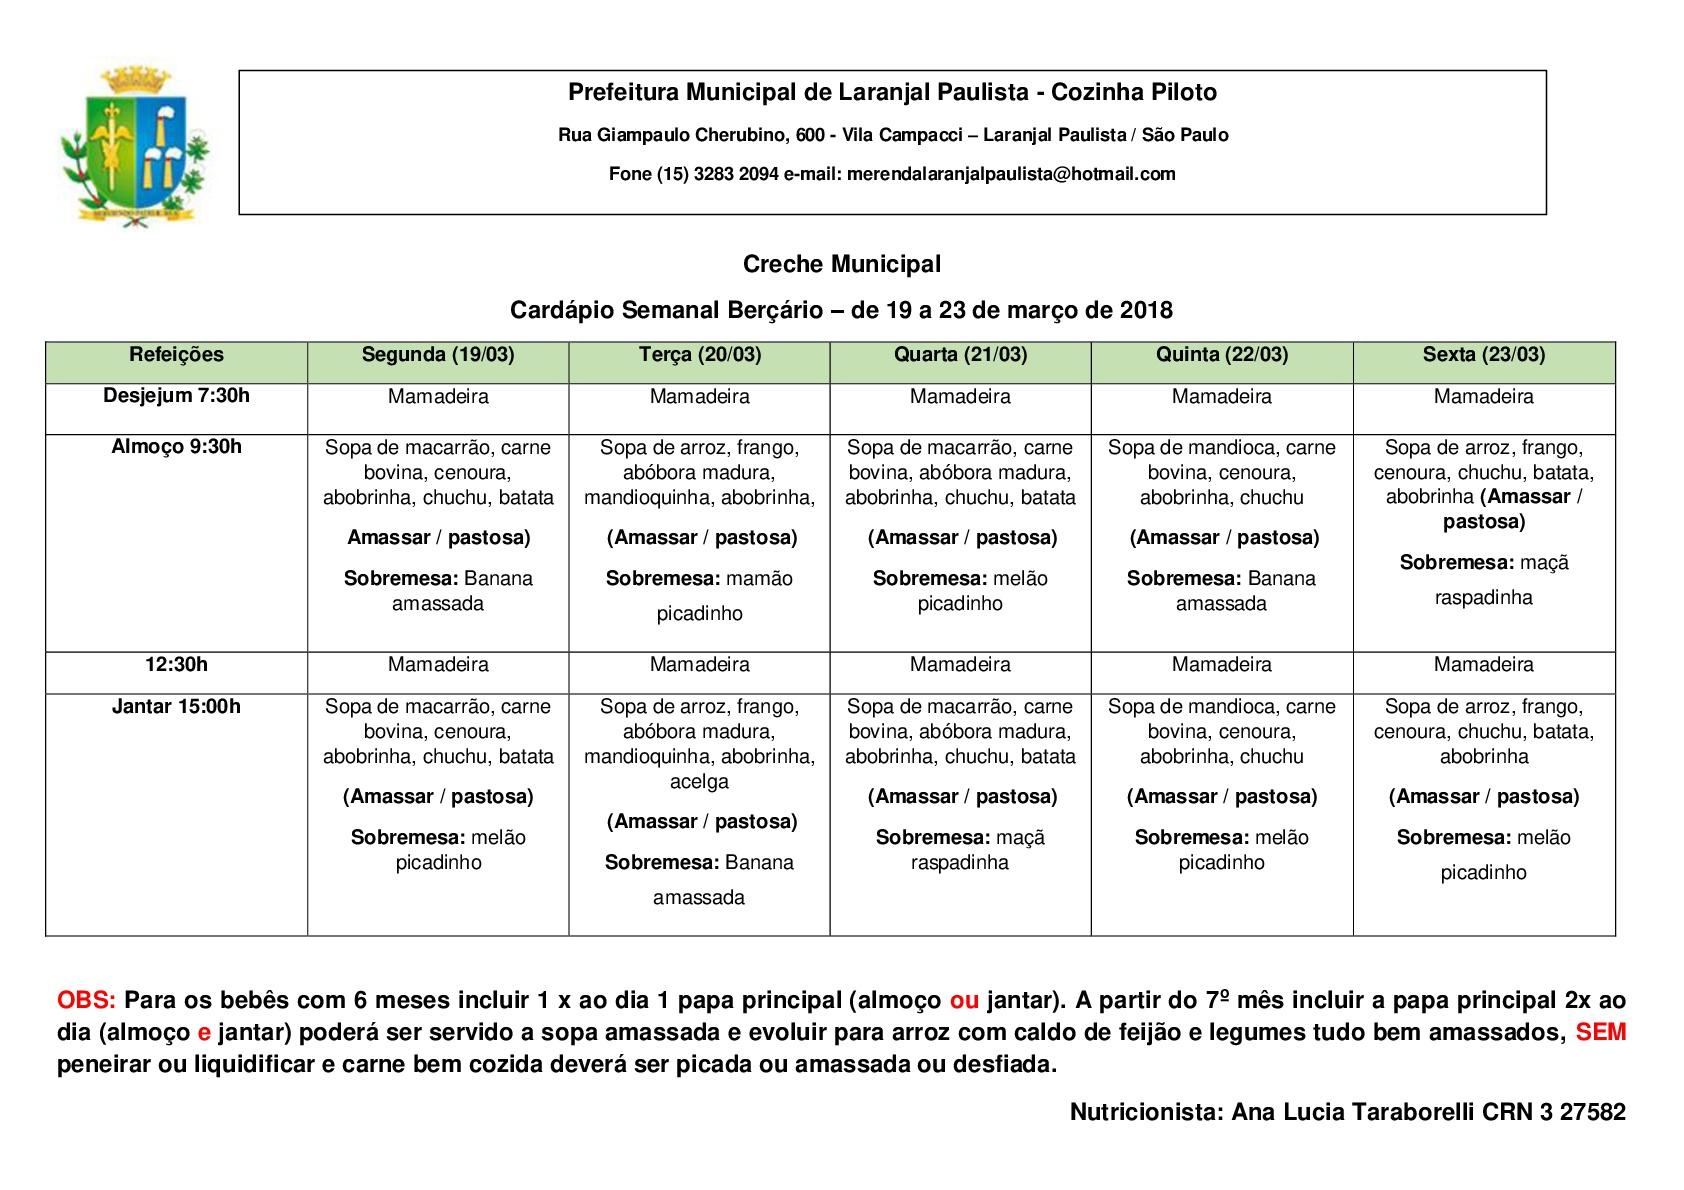 Cardápios para o mês de Março das Escolas e Creches de Laranjal Paulista.